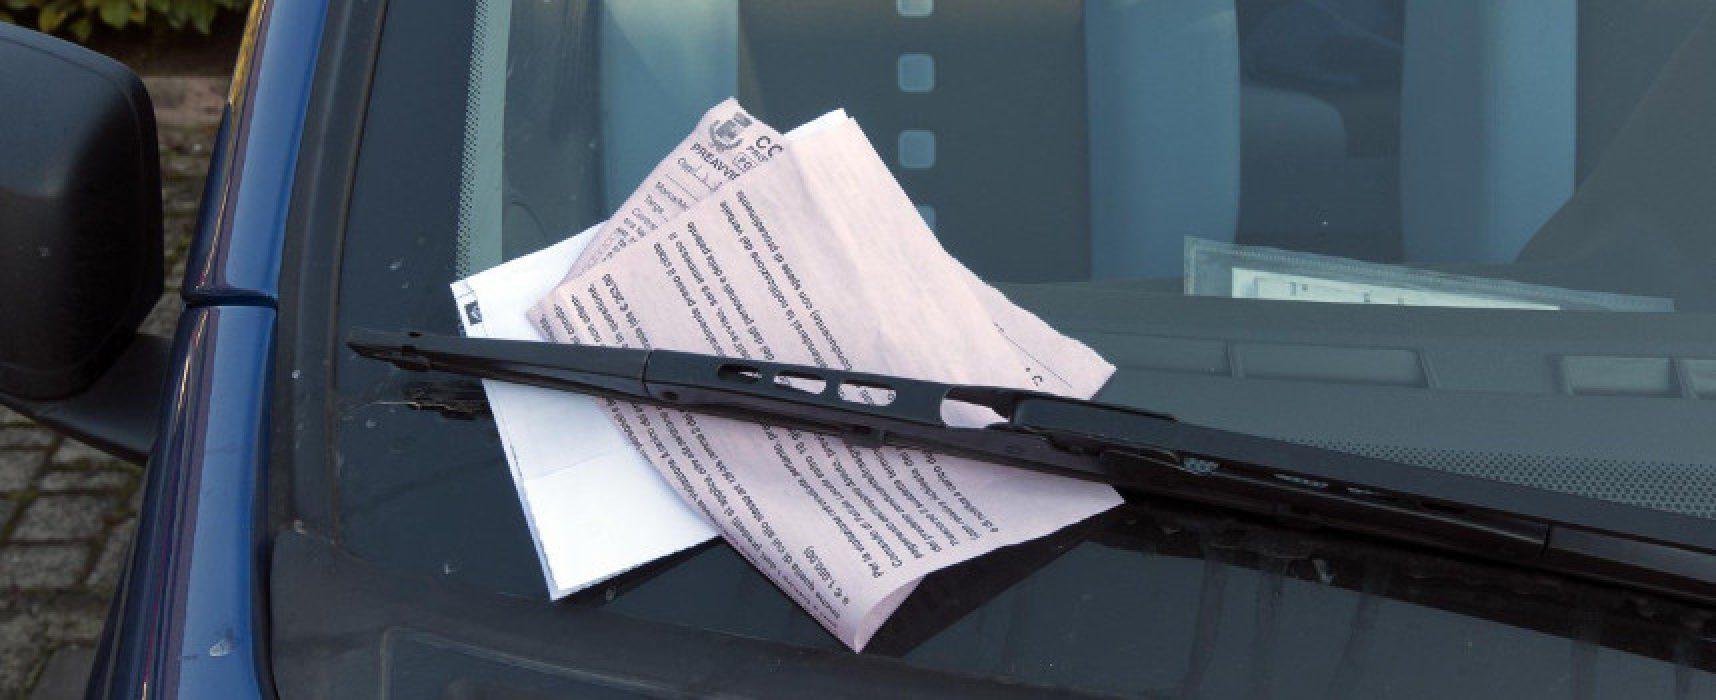 Multe codice della strada, avviati i sequestri amministrativi del mezzo per chi non paga